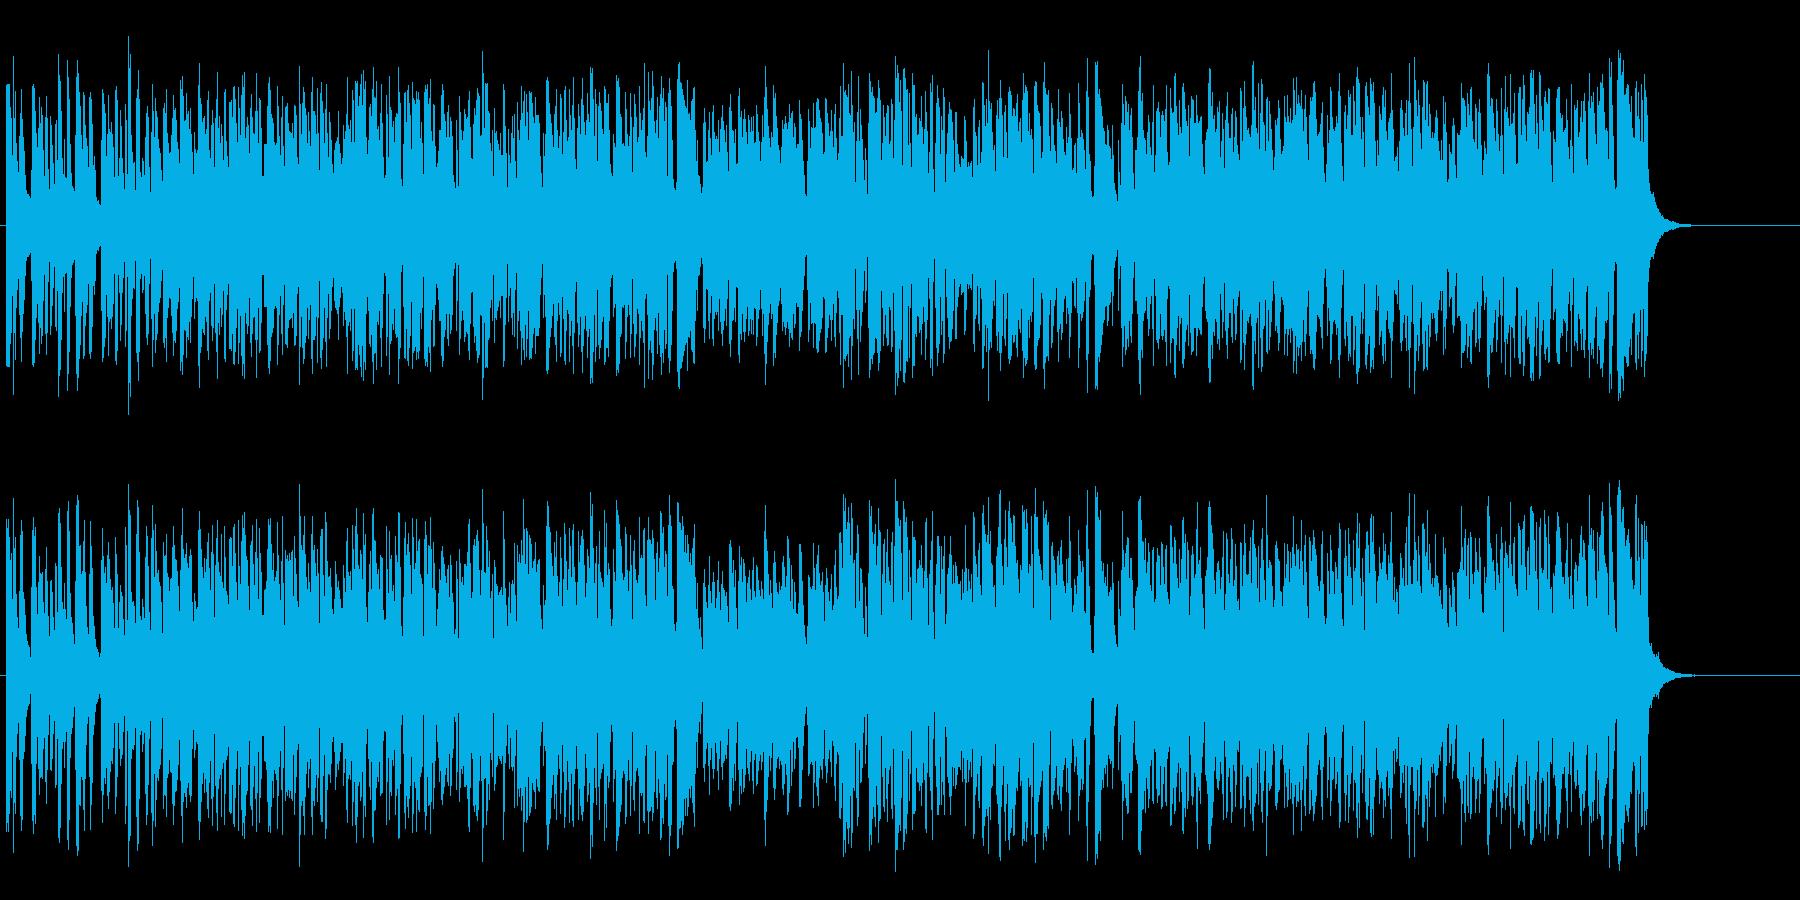 ゆったり爽やかなビッグ・バンド・ジャズの再生済みの波形